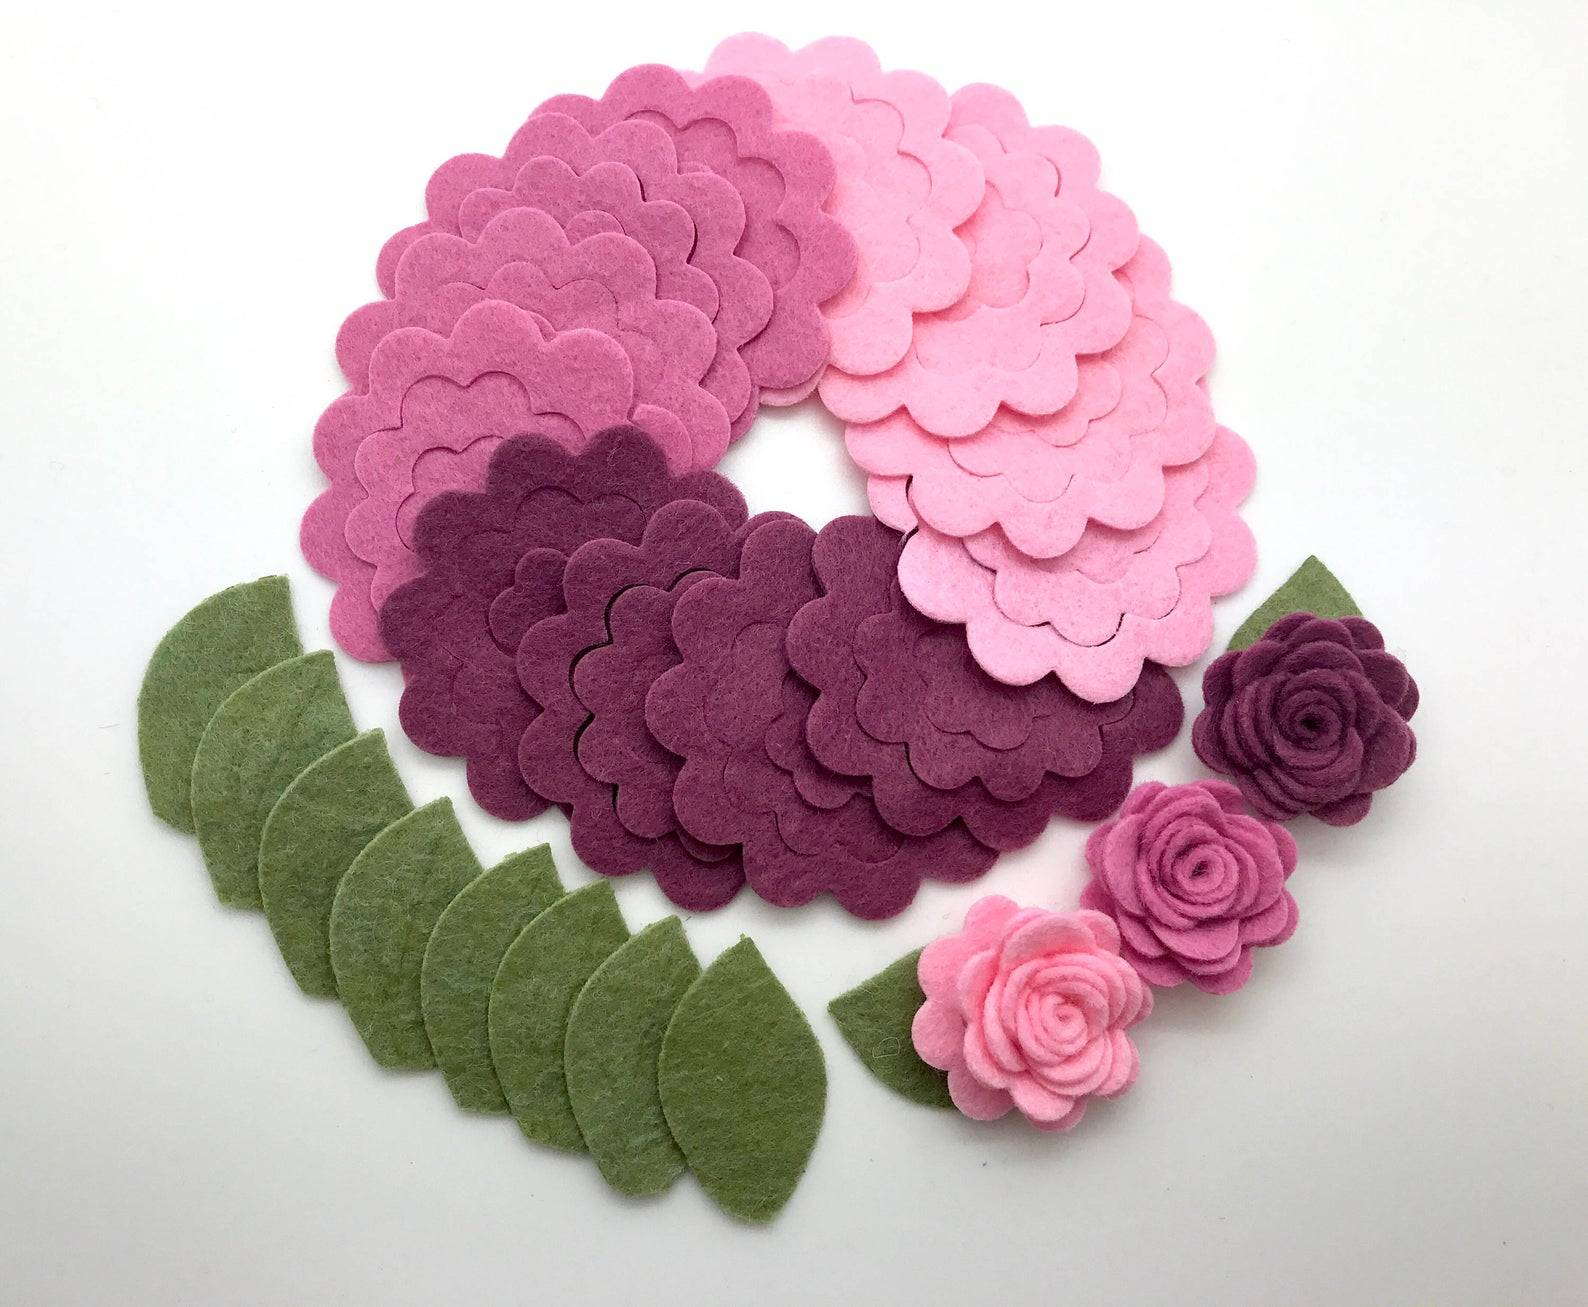 Цветы из фетра — удовольствие творить и дарить